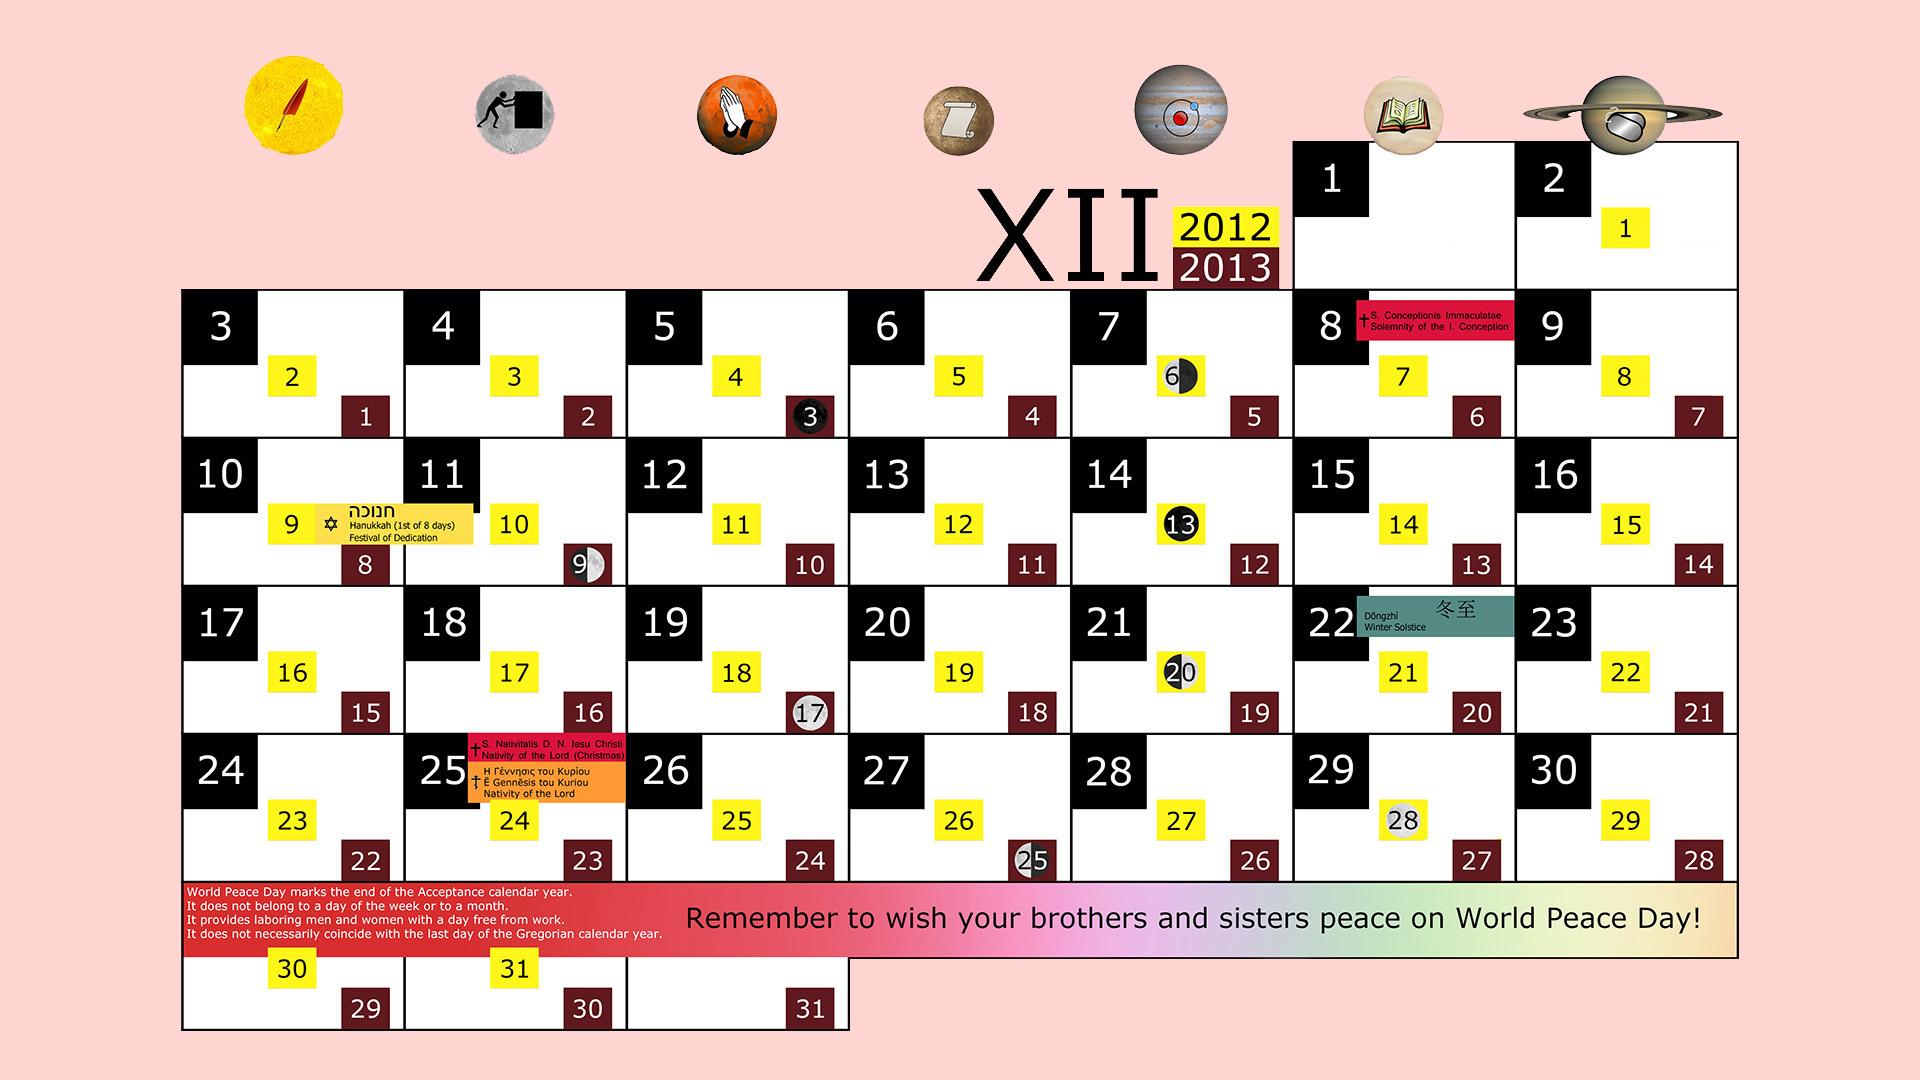 Miesięczny kalendarz świąt na grudzień 2012 and 2013 na różowym tle